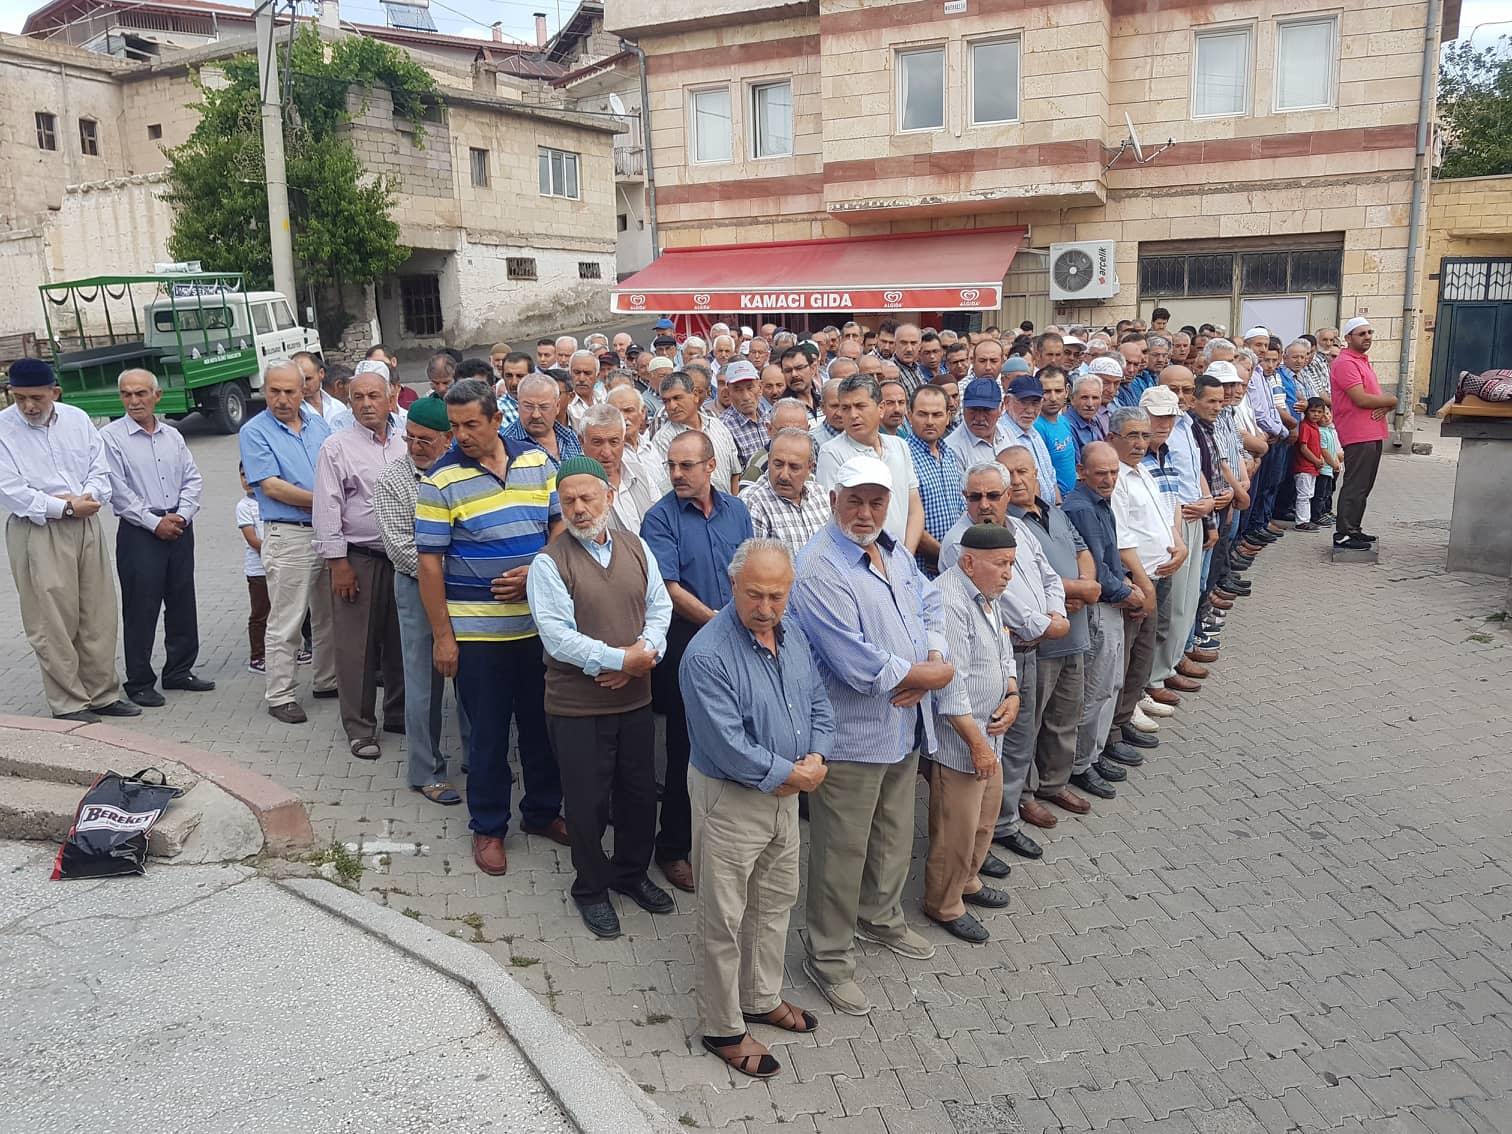 havva dinçer vefat etmiştir sulusaray kasabası nevşehir